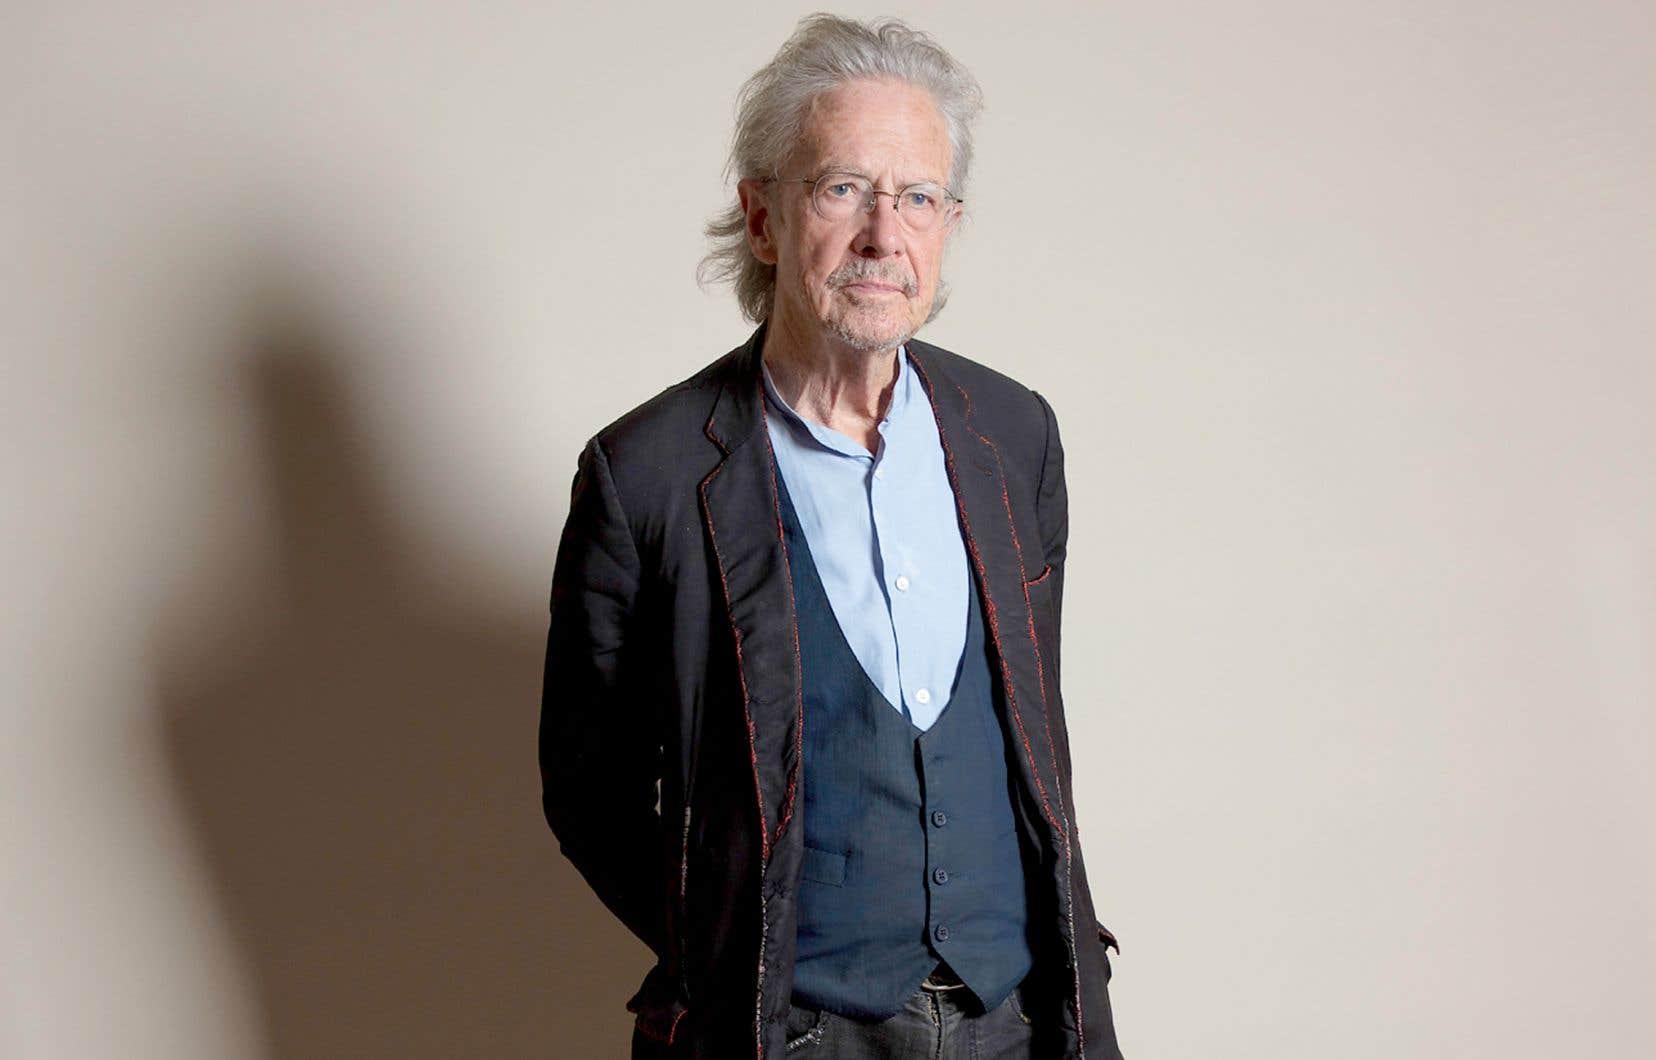 Peter Handke est l'auteur de longs romans, de courts essais, de pièces de théâtre, de poésie et de traductions — il nous a aussi donné les dialogues du sublime film «Les ailes du désir», de Wim Wenders.